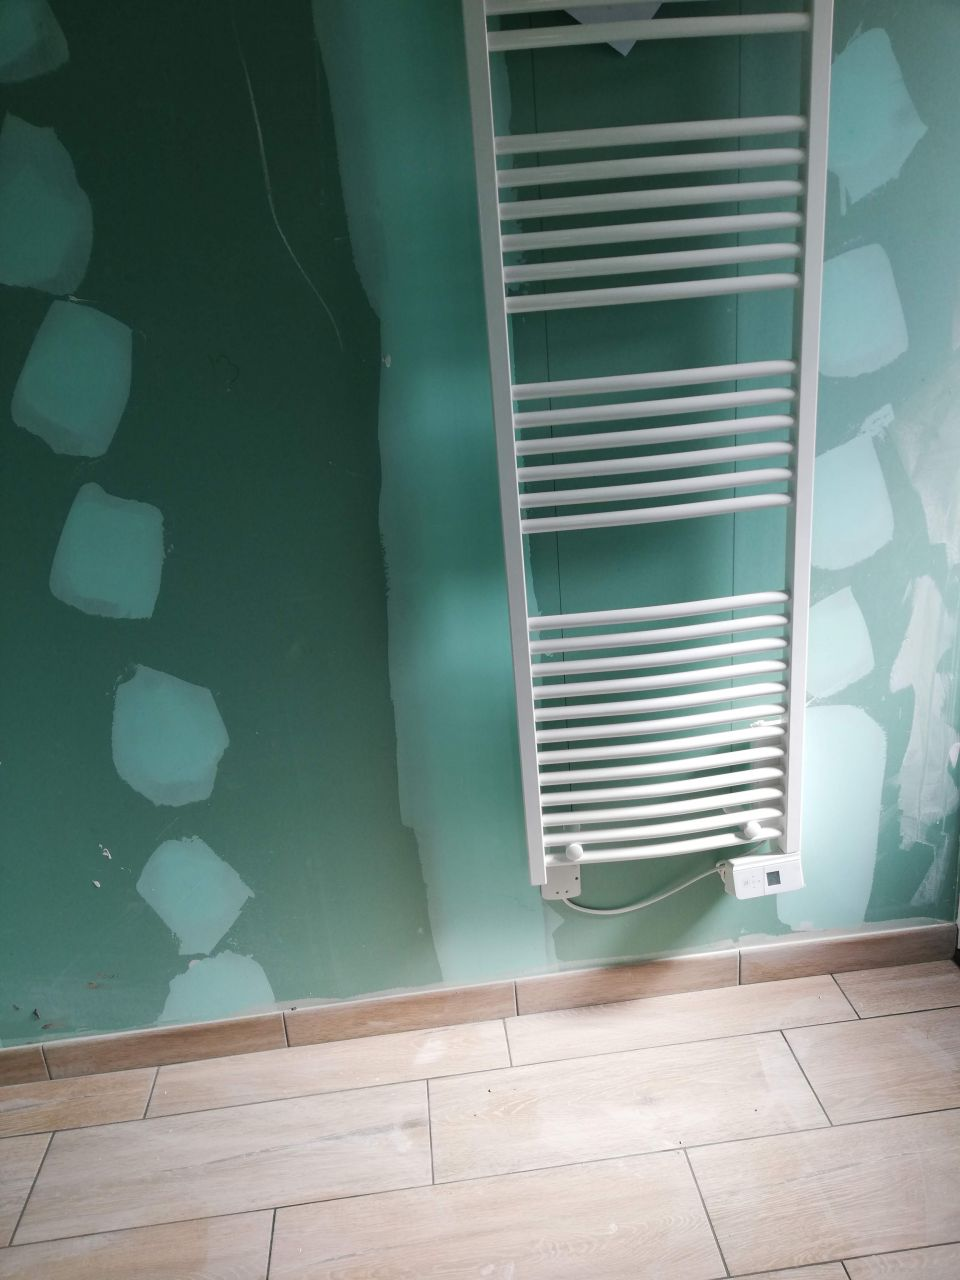 Sèche serviette et carreaux imitation parquet de la sale de bain de la suite parentale